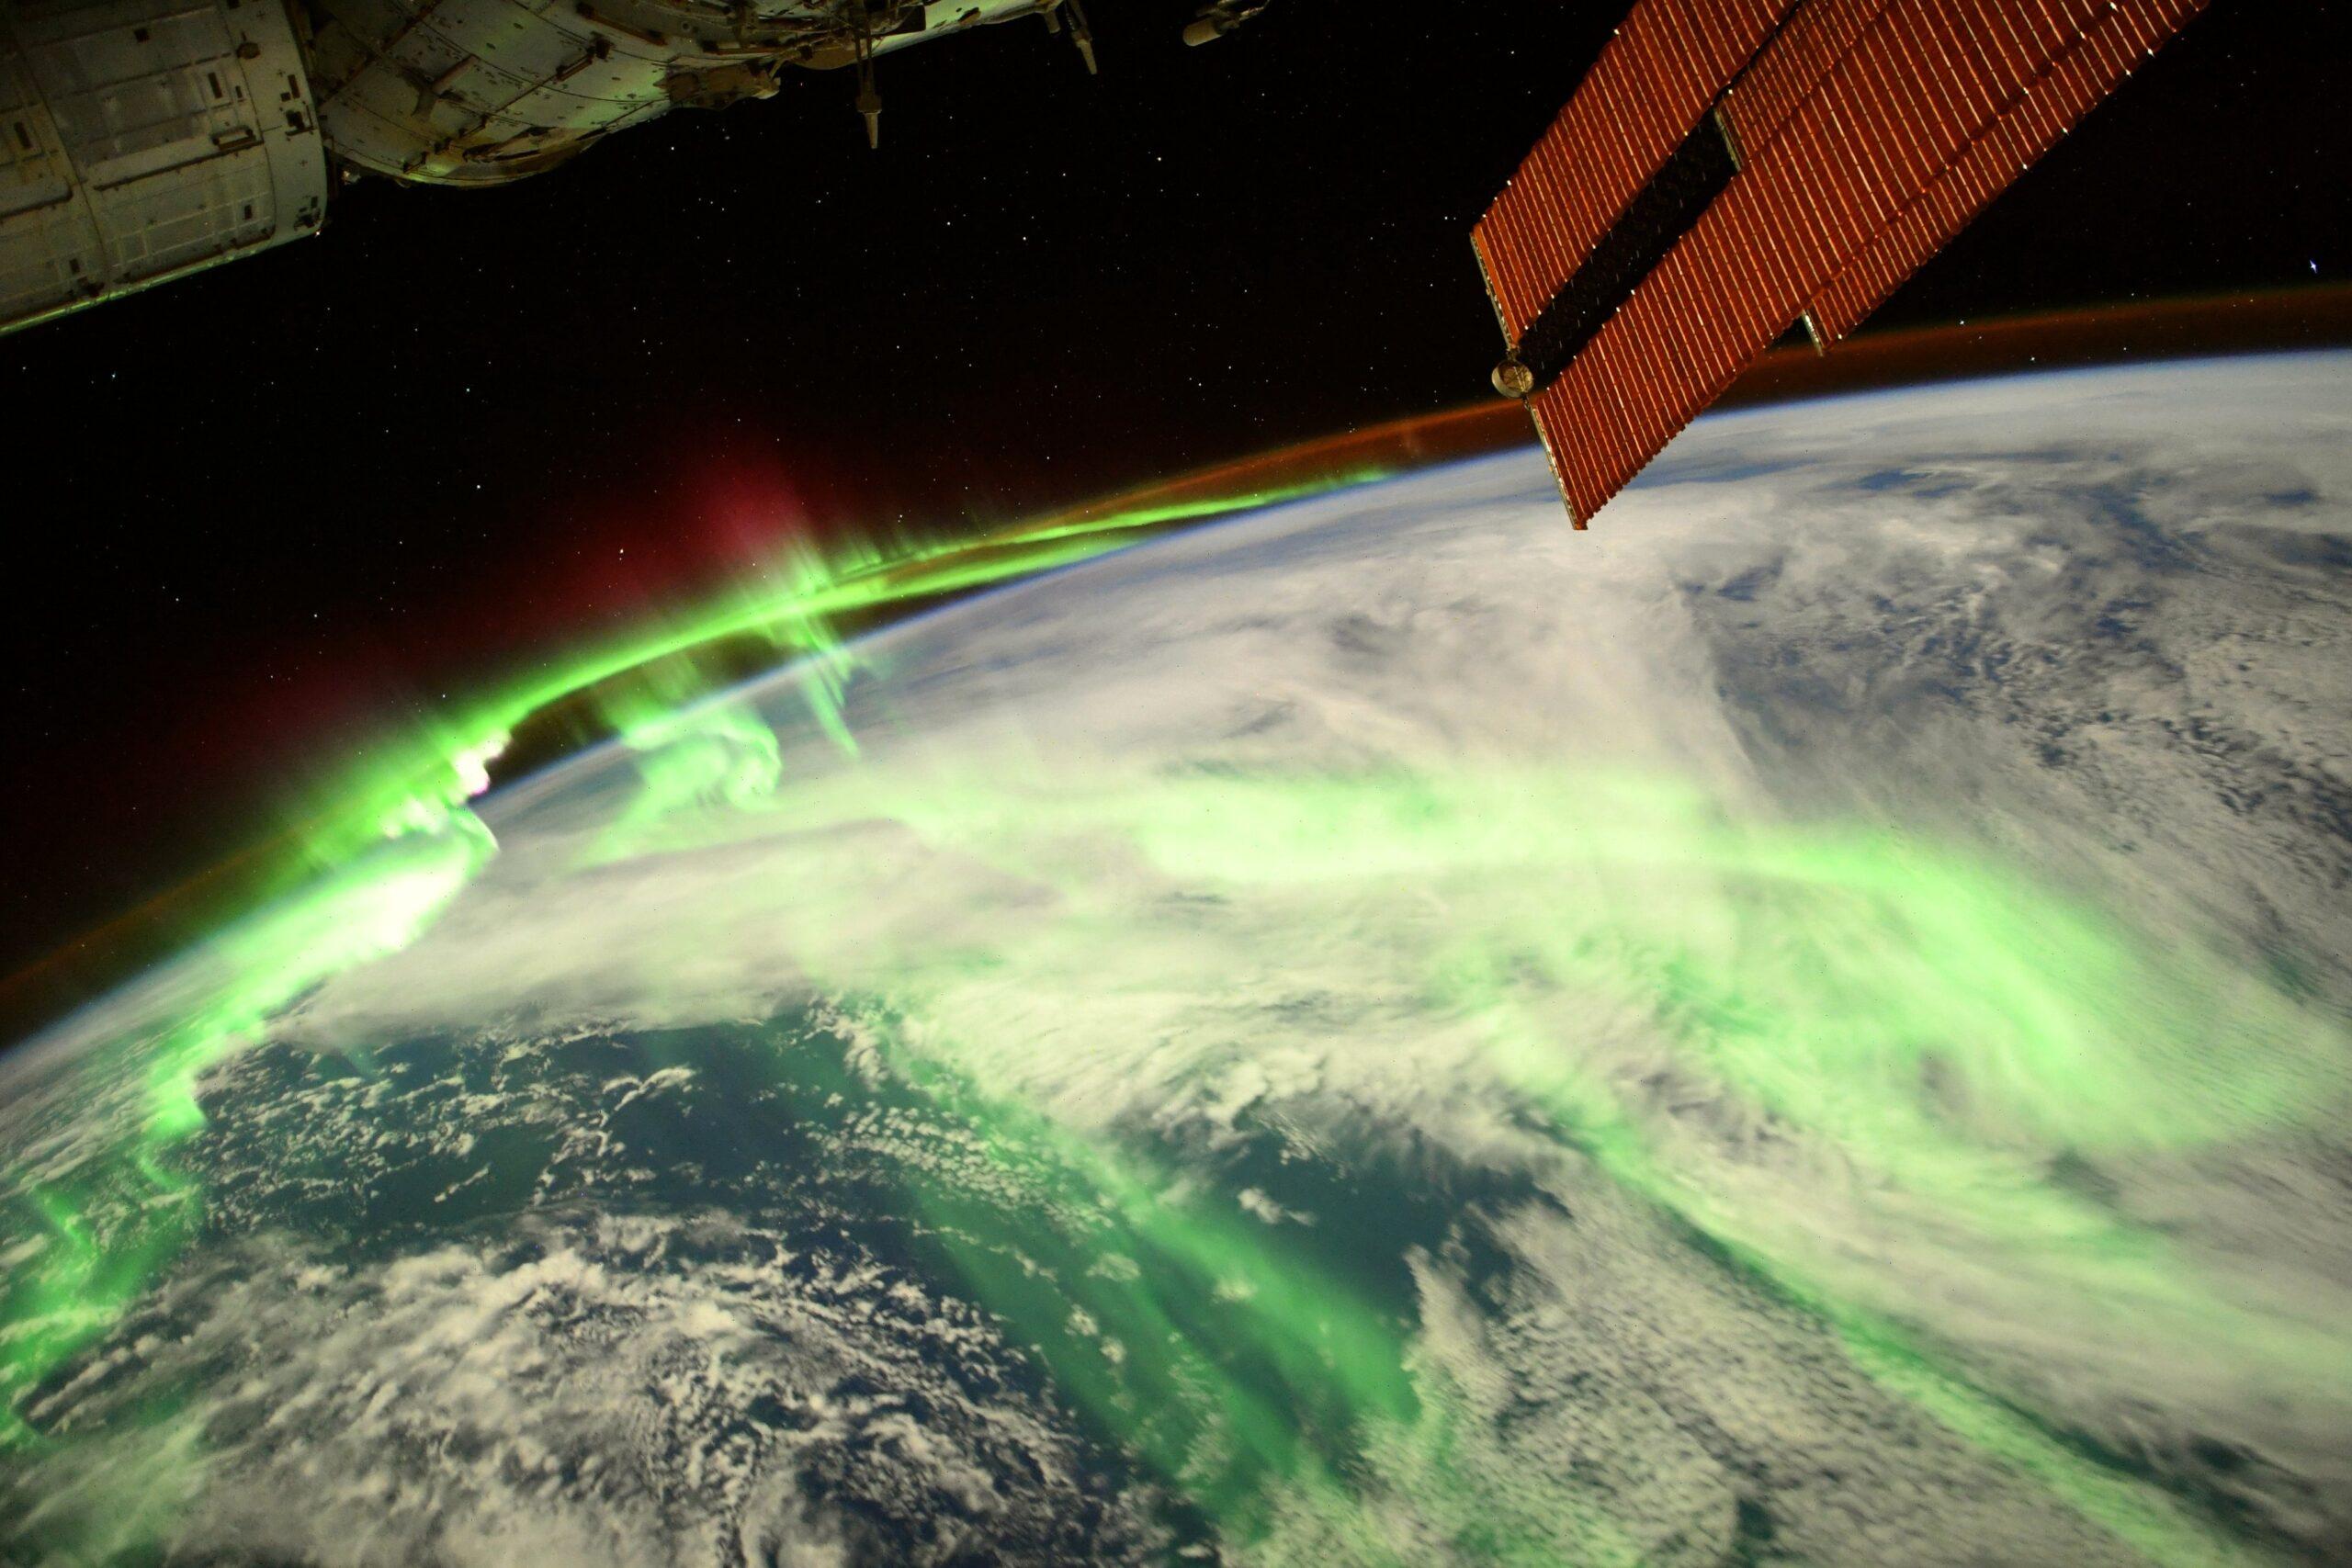 Foto: Fotografii umitoare făcute în spațiu! Fenomenul descoperit nu poate fi văzut de pe Pământ